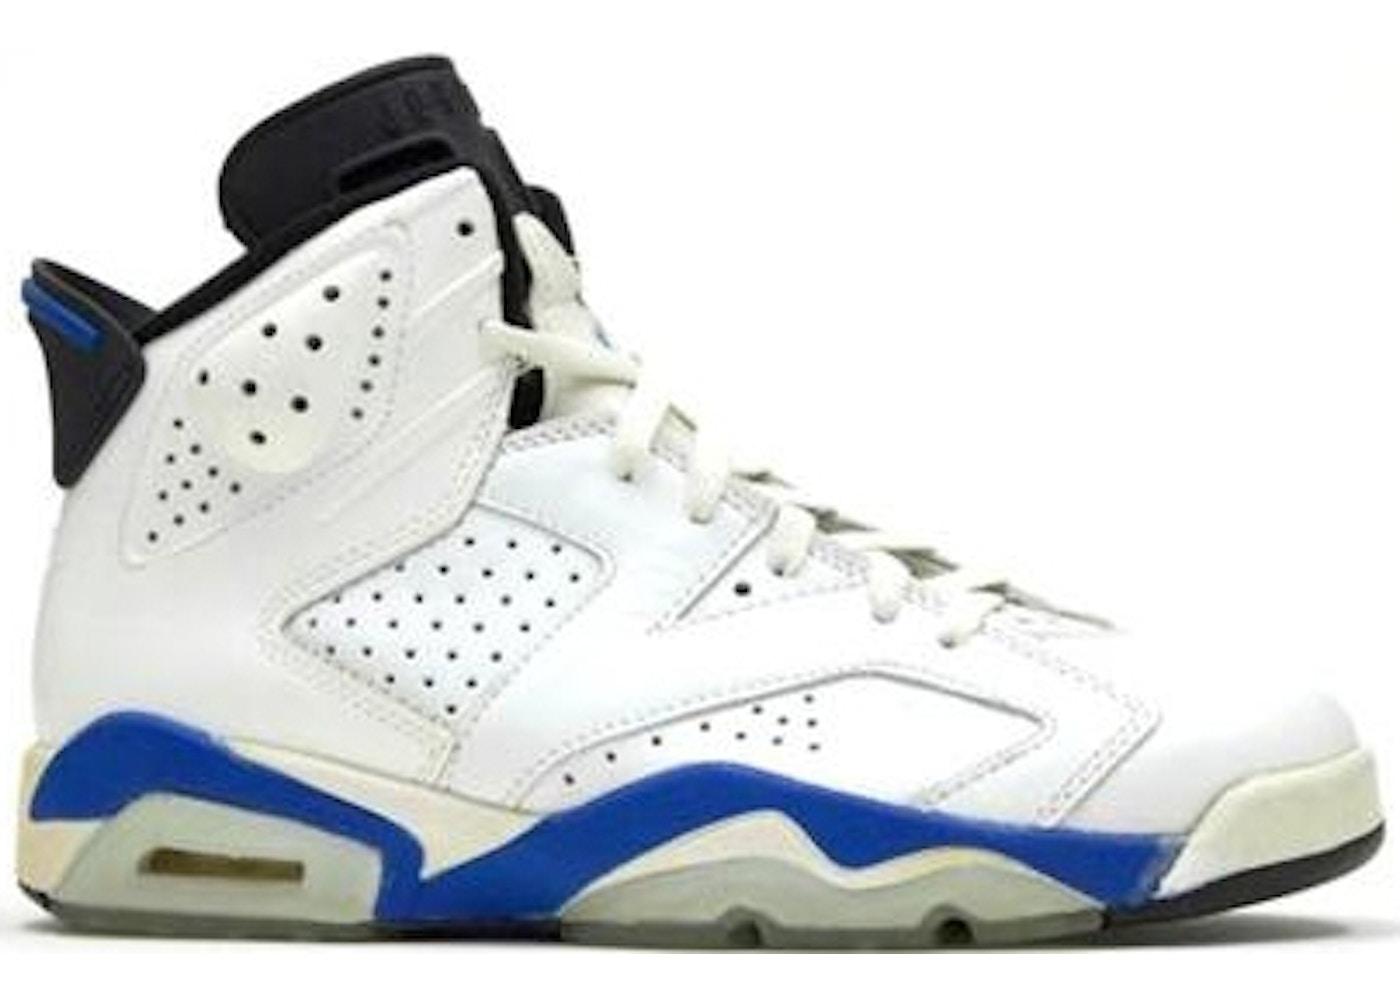 new style 33361 c2b3b Jordan 6 OG Sport Blue (1991) - 4392